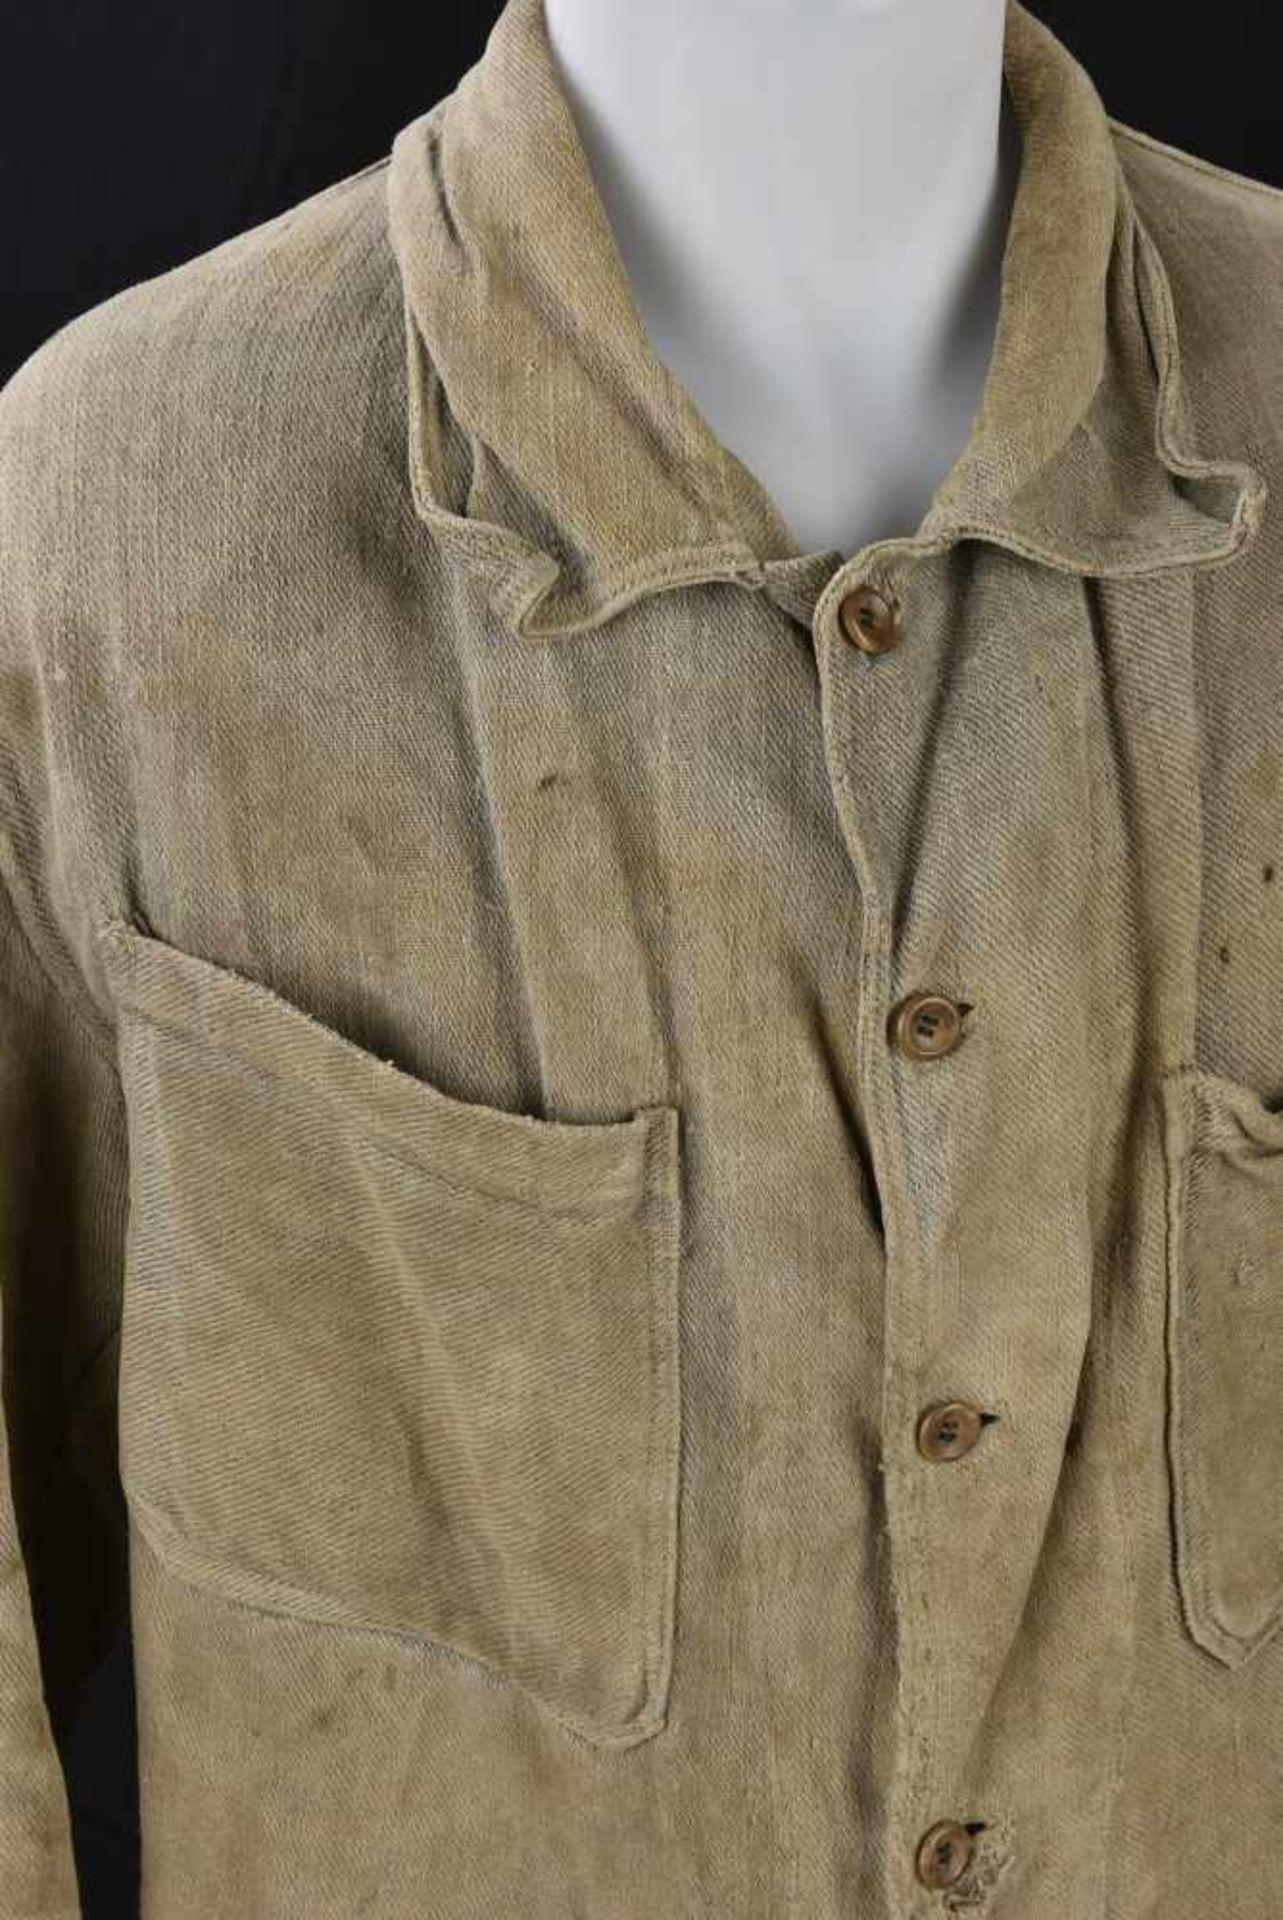 Veste de corvée en grosse toile. Datée 1938. Work jacket, in canvas. Dated 1938. Cette pièce - Bild 3 aus 4